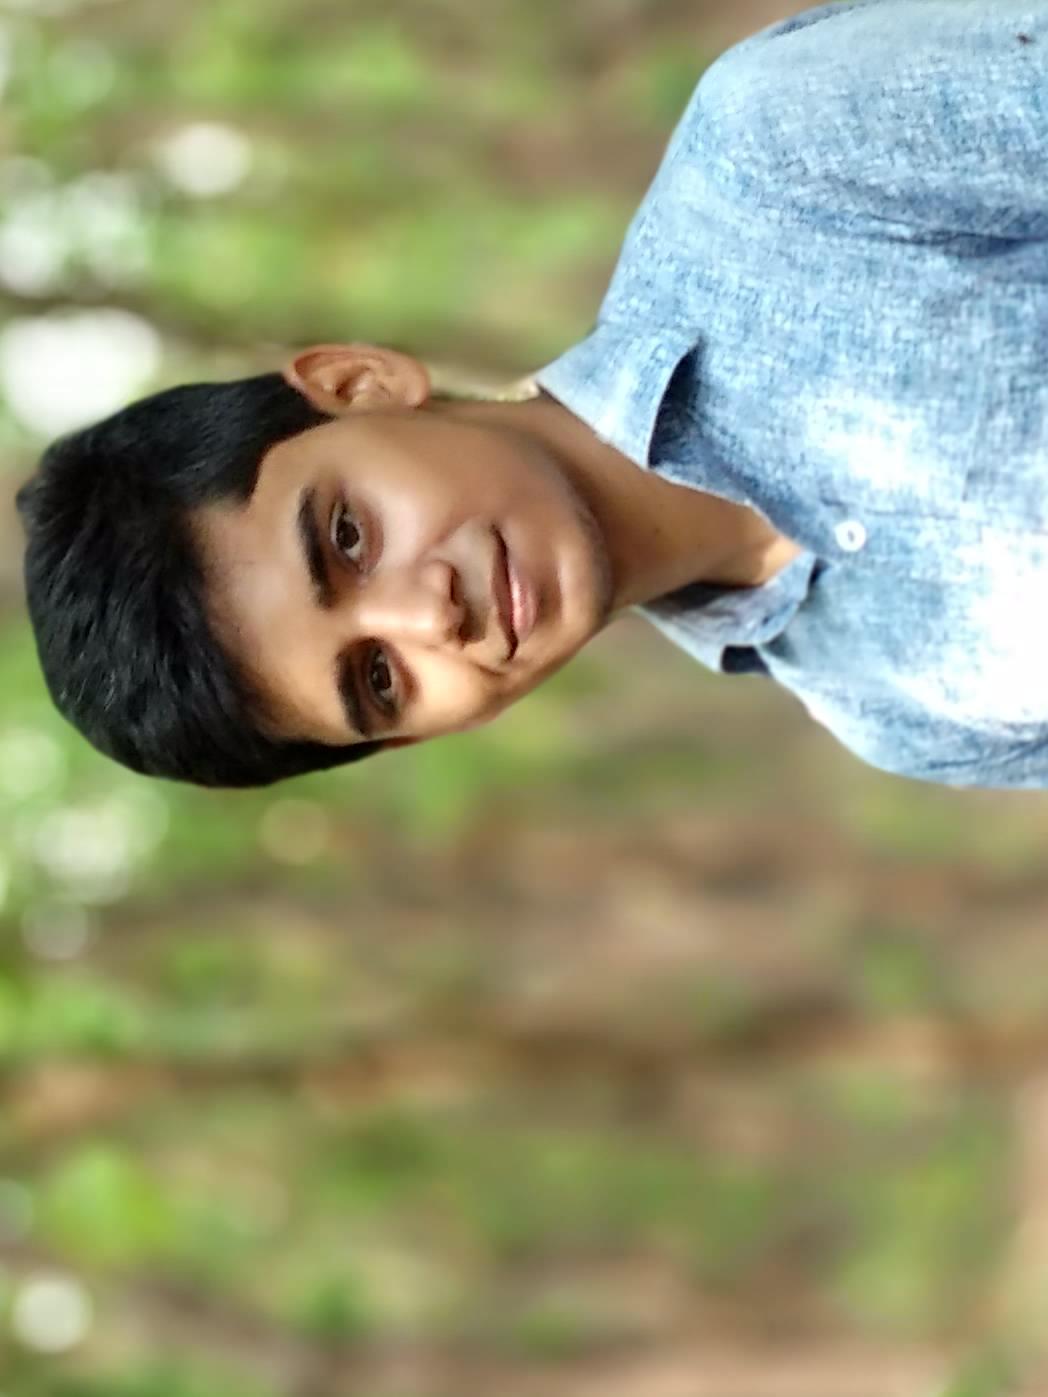 Md. Sohan Bhuyan